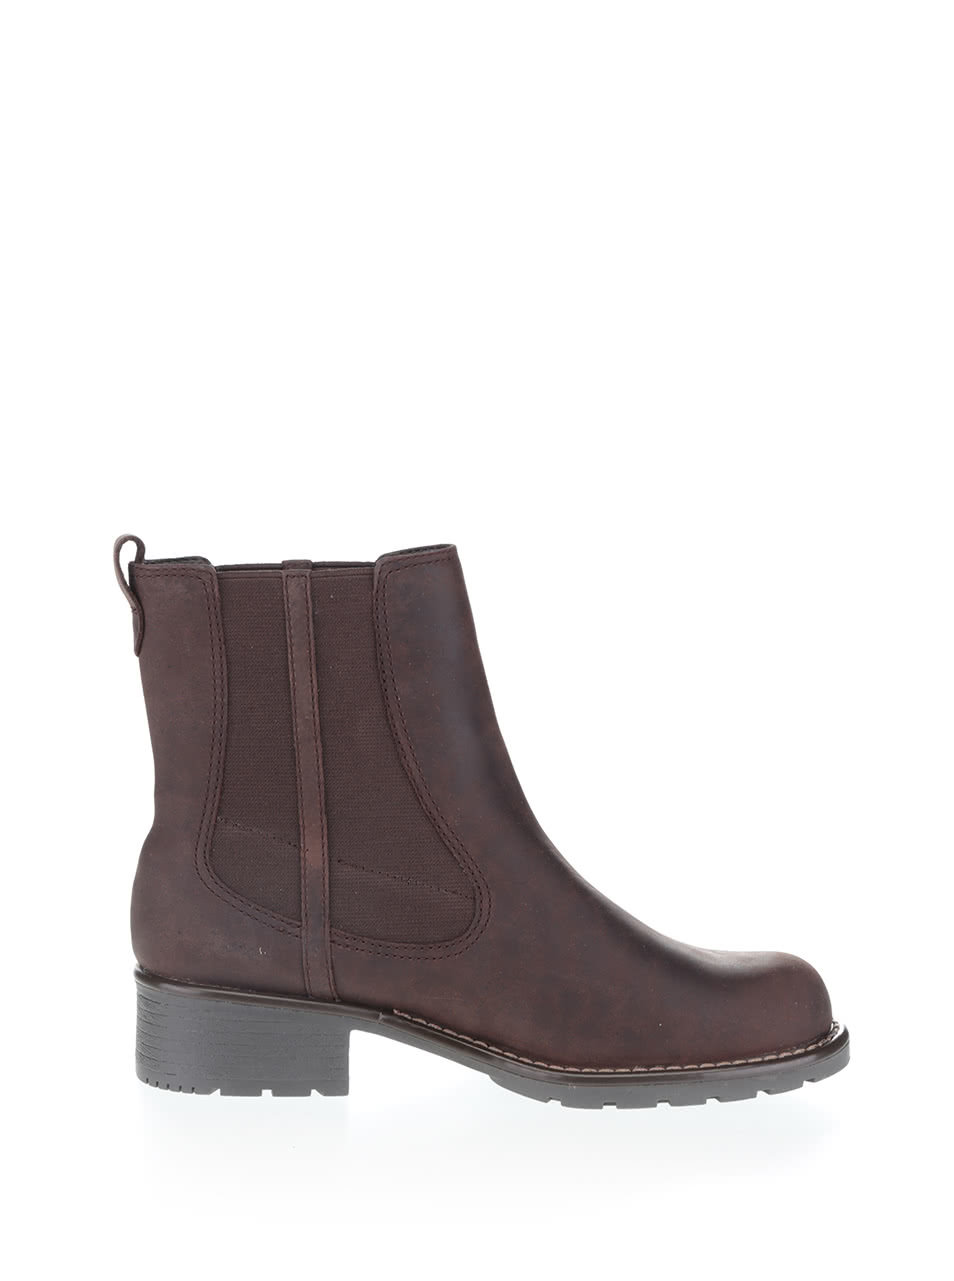 883f1bc3222a Hnedé dámske kožené členkové topánky Clarks Orinoco Club ...